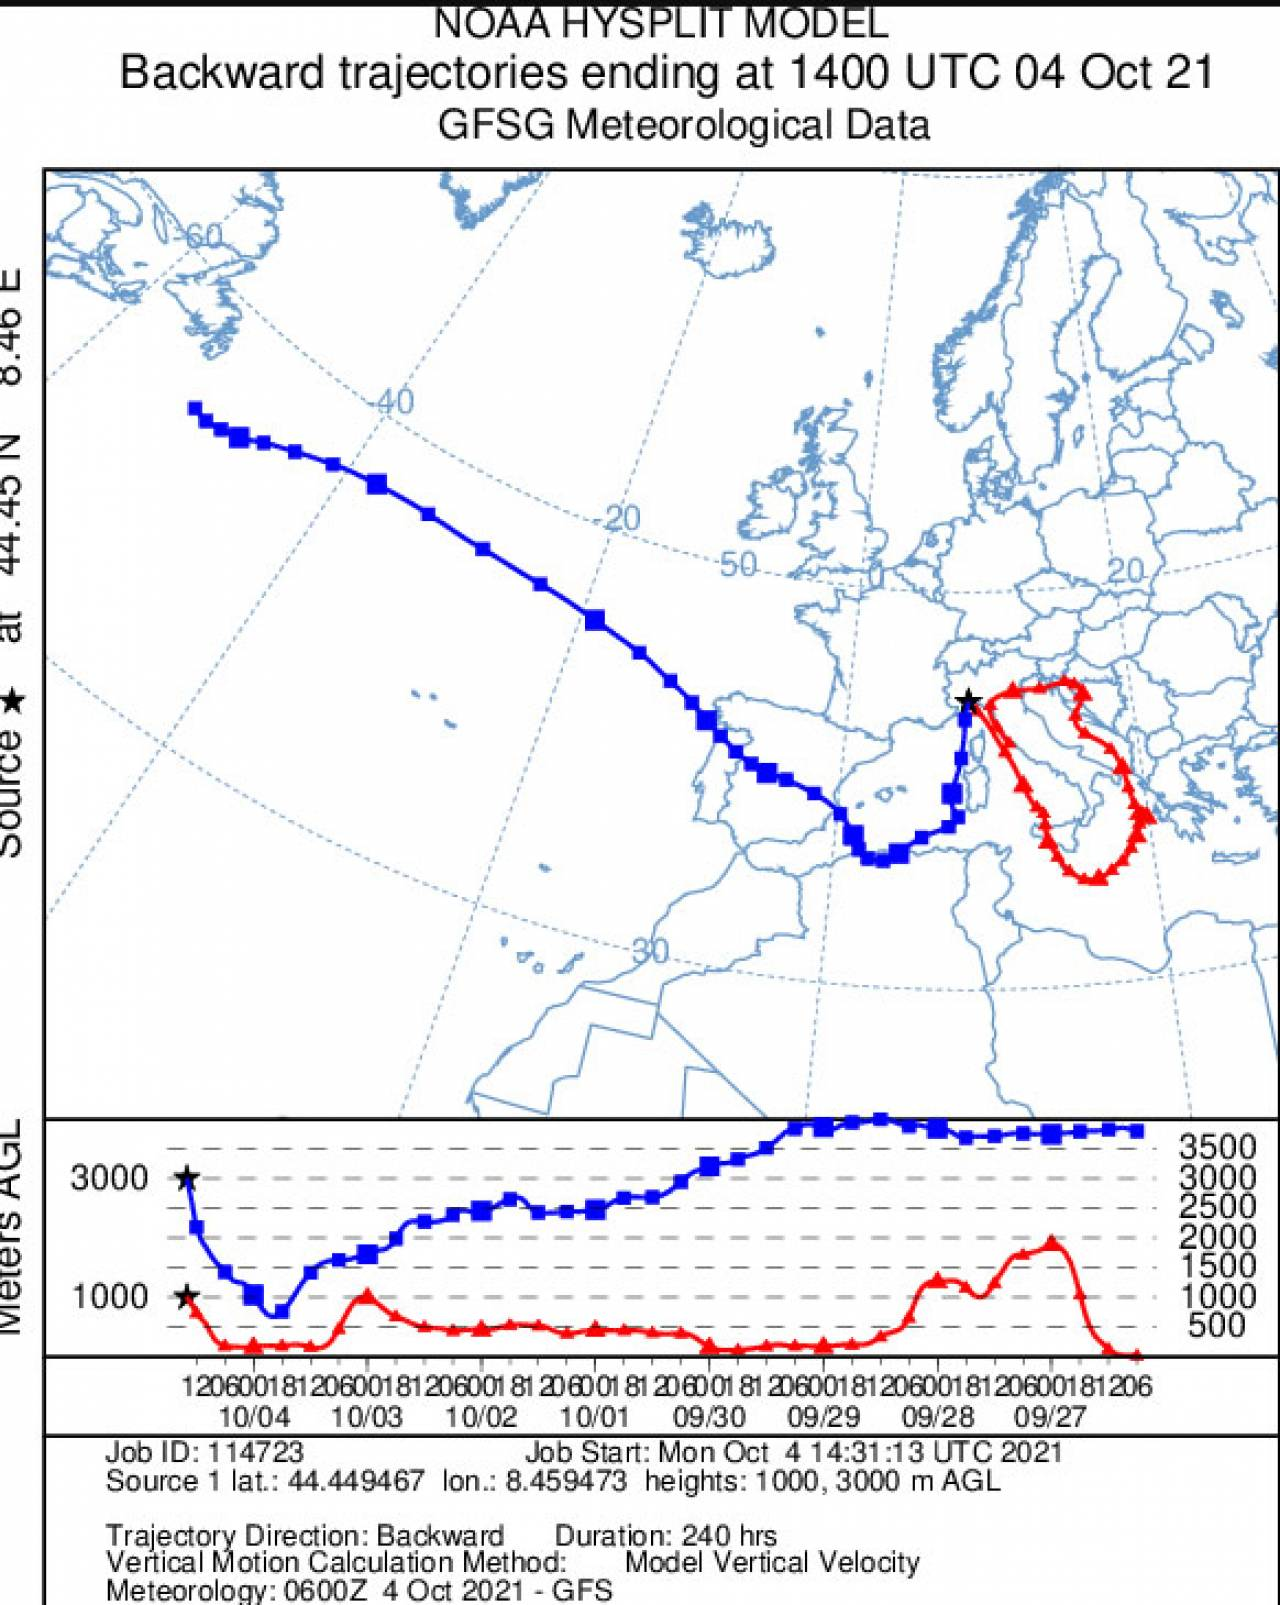 provenienza della massa d'aria secondo l'Hysplit (ready.noaa.gov/HYSPLIT.php)